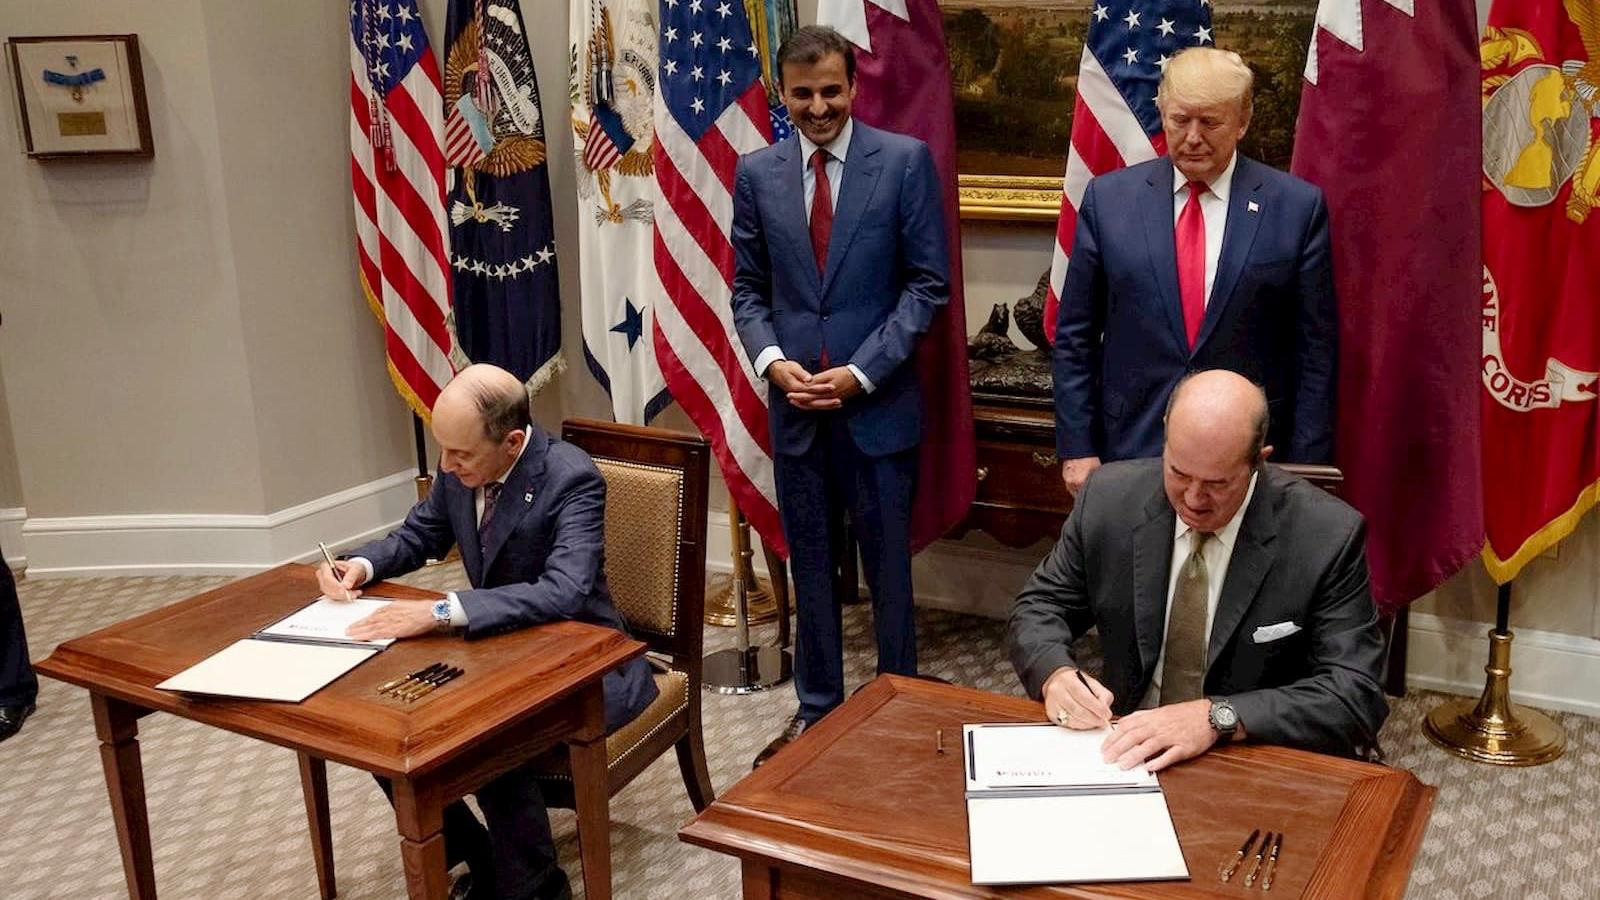 الدوحة وواشنطن توقعان اتفاقيات تعاون في مجالات الدفاع والطاقة والنقل